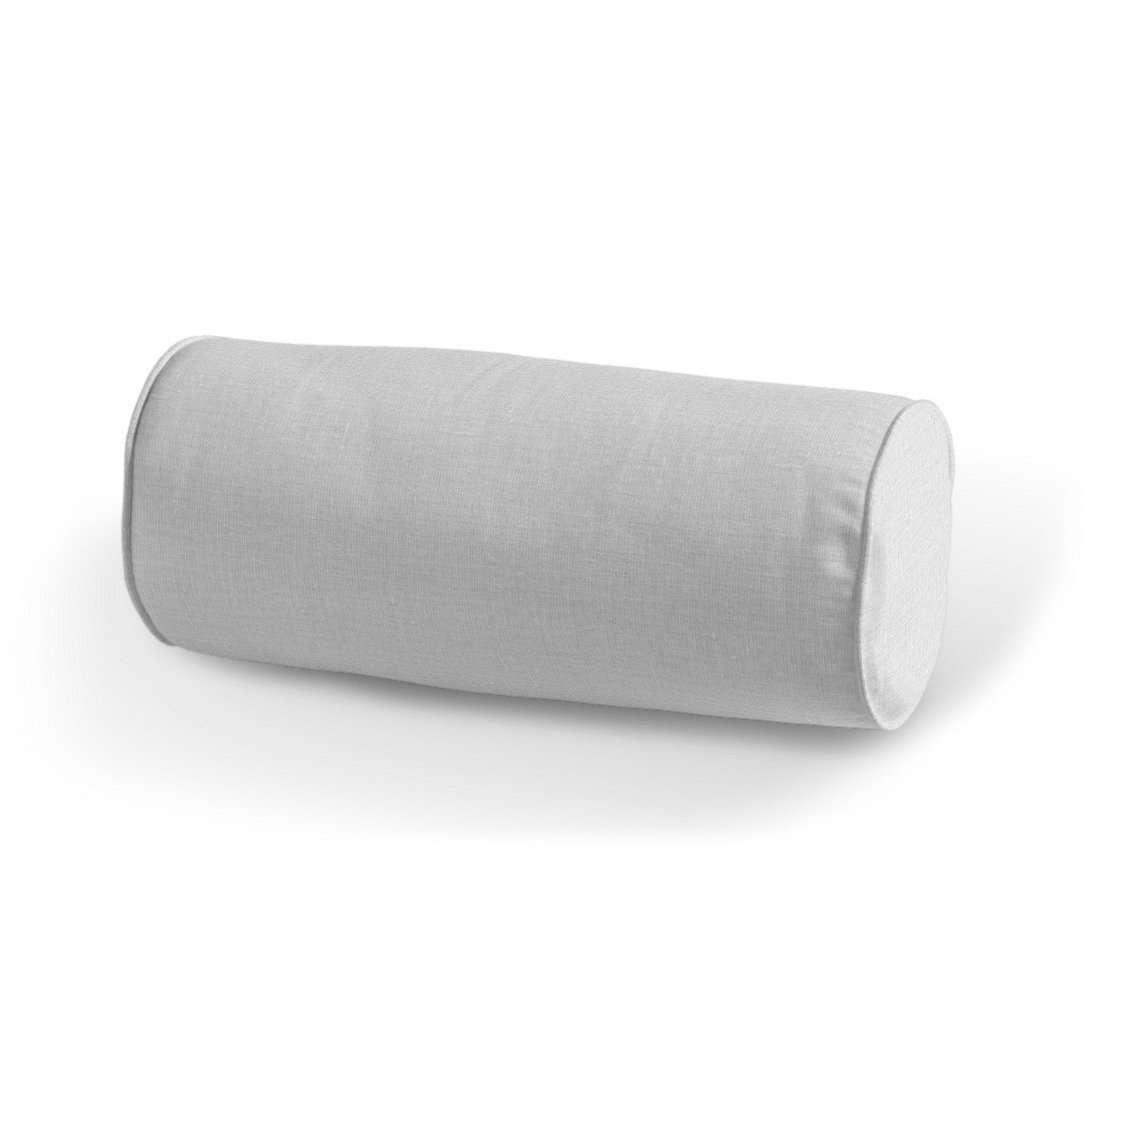 Einfache Nackenrolle Ø 16 x 40 cm von der Kollektion Leinen, Stoff: 392-04